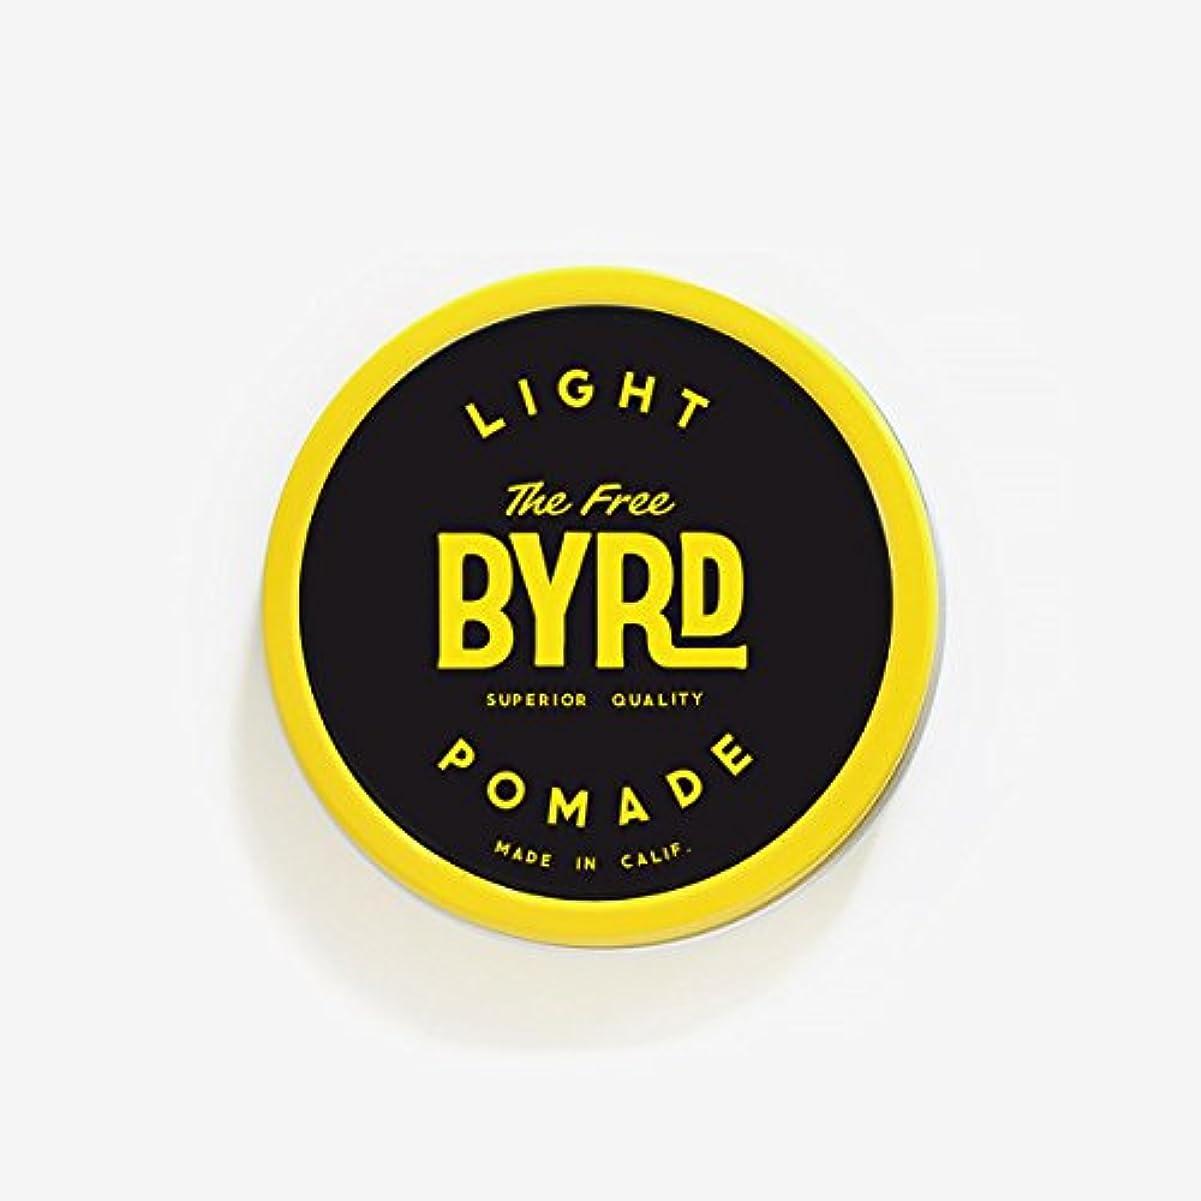 症候群鹿舌なバード(BYRD) カリフォルニア発ポマード288 LIGHT POMADE SMALL(スモールサイズ)ライトスタイルヘアワックスヘアスタイリング剤耐水性香料メンズ/レディース 【LIGHT】SMALL